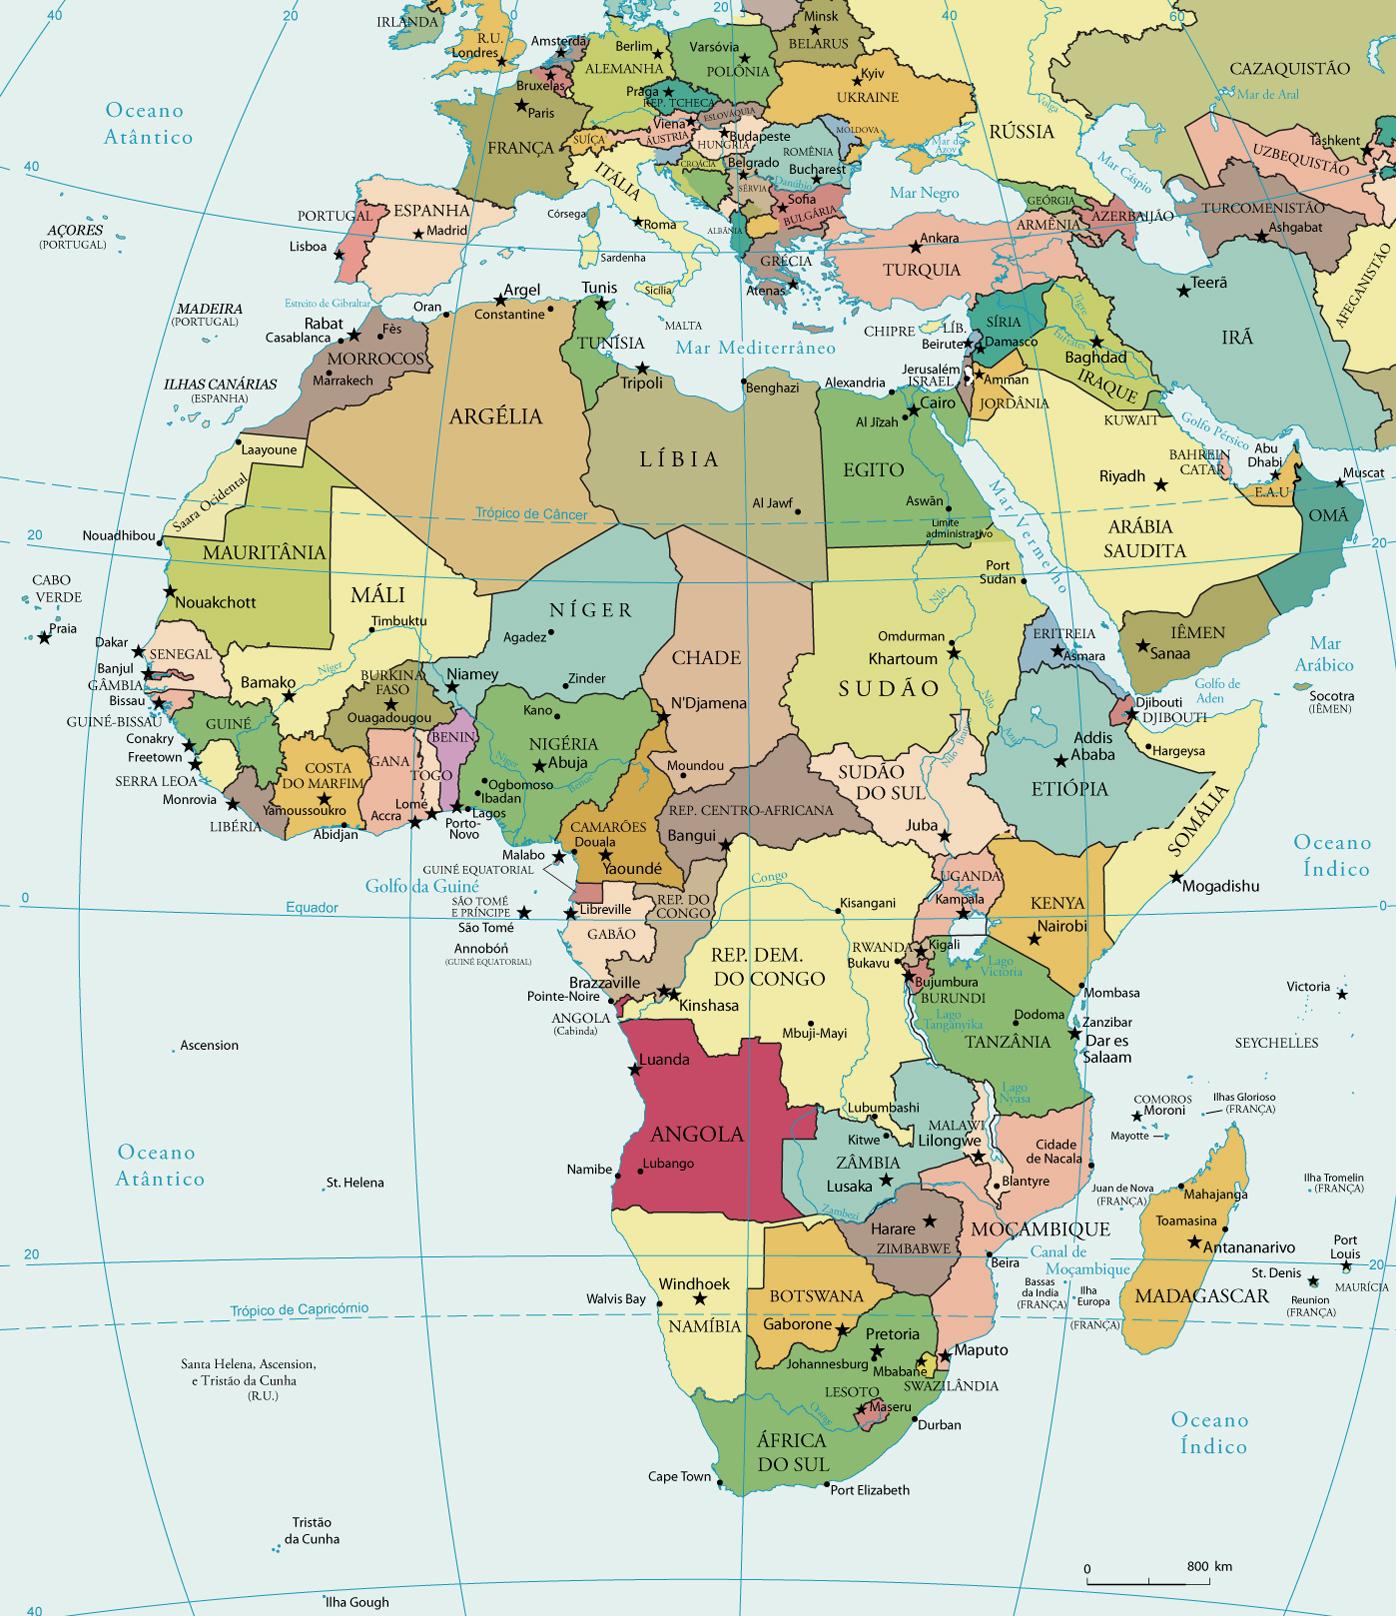 mapa da africa Mapa Político da Africa mapa da africa